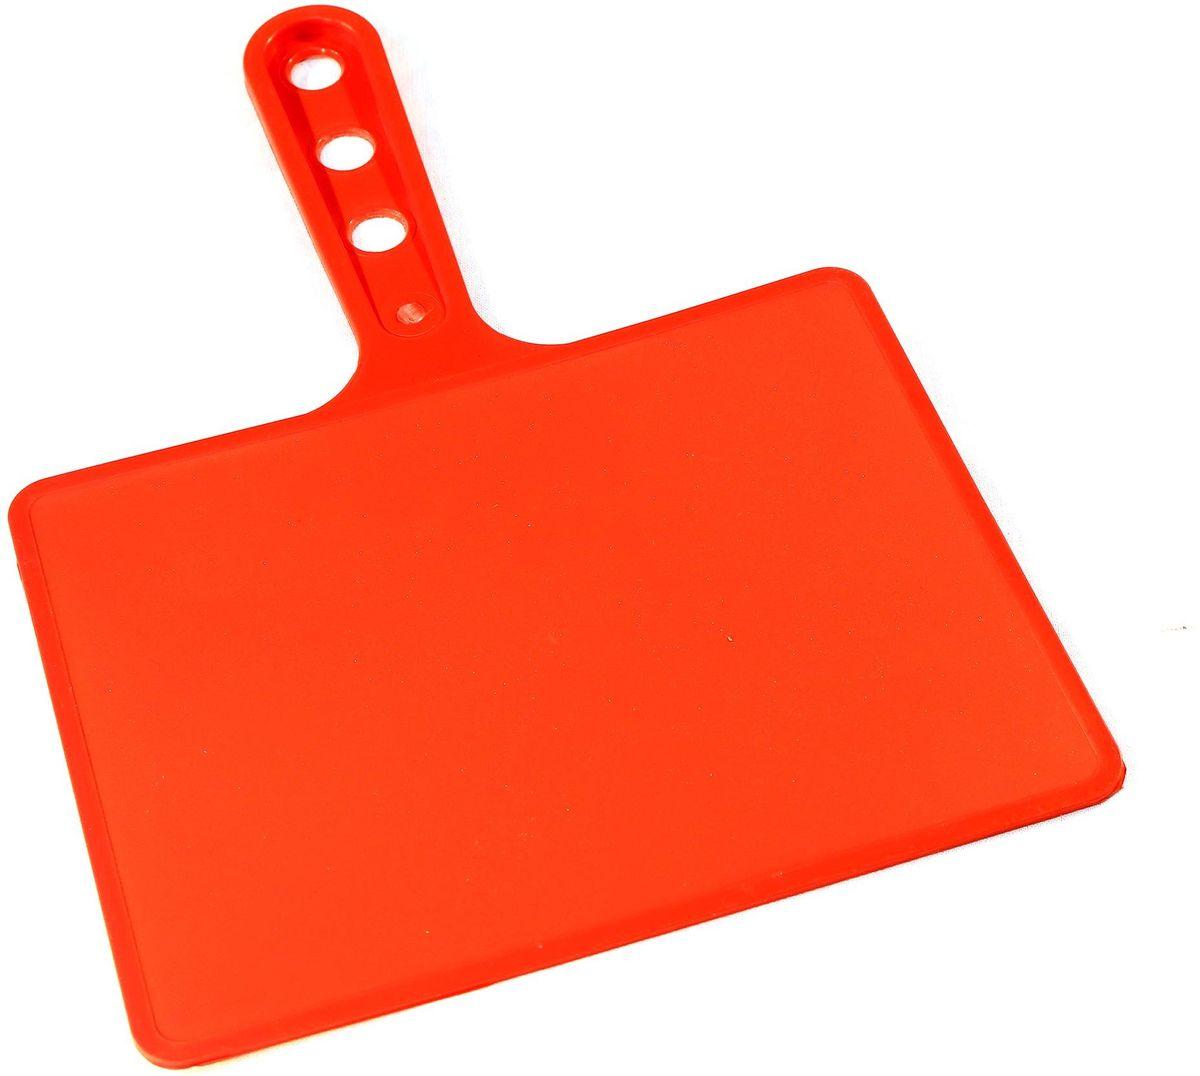 Веер для мангала BG, цвет: красный. 150181150181-К, красныйВеер для мангала BG предназначен для раздува углей в мангале. Изготовлен из высококачественного пластика (ПЭНД), одна сторона - глянец, вторая - шагрень. Ручка имеет 3 отверстия. Можно использовать как разделочную доску для мяса, нарезки овощей или хлеба.Рабочая поверхность выполнена в виде прямоугольника, размер: 197 х 148 мм.